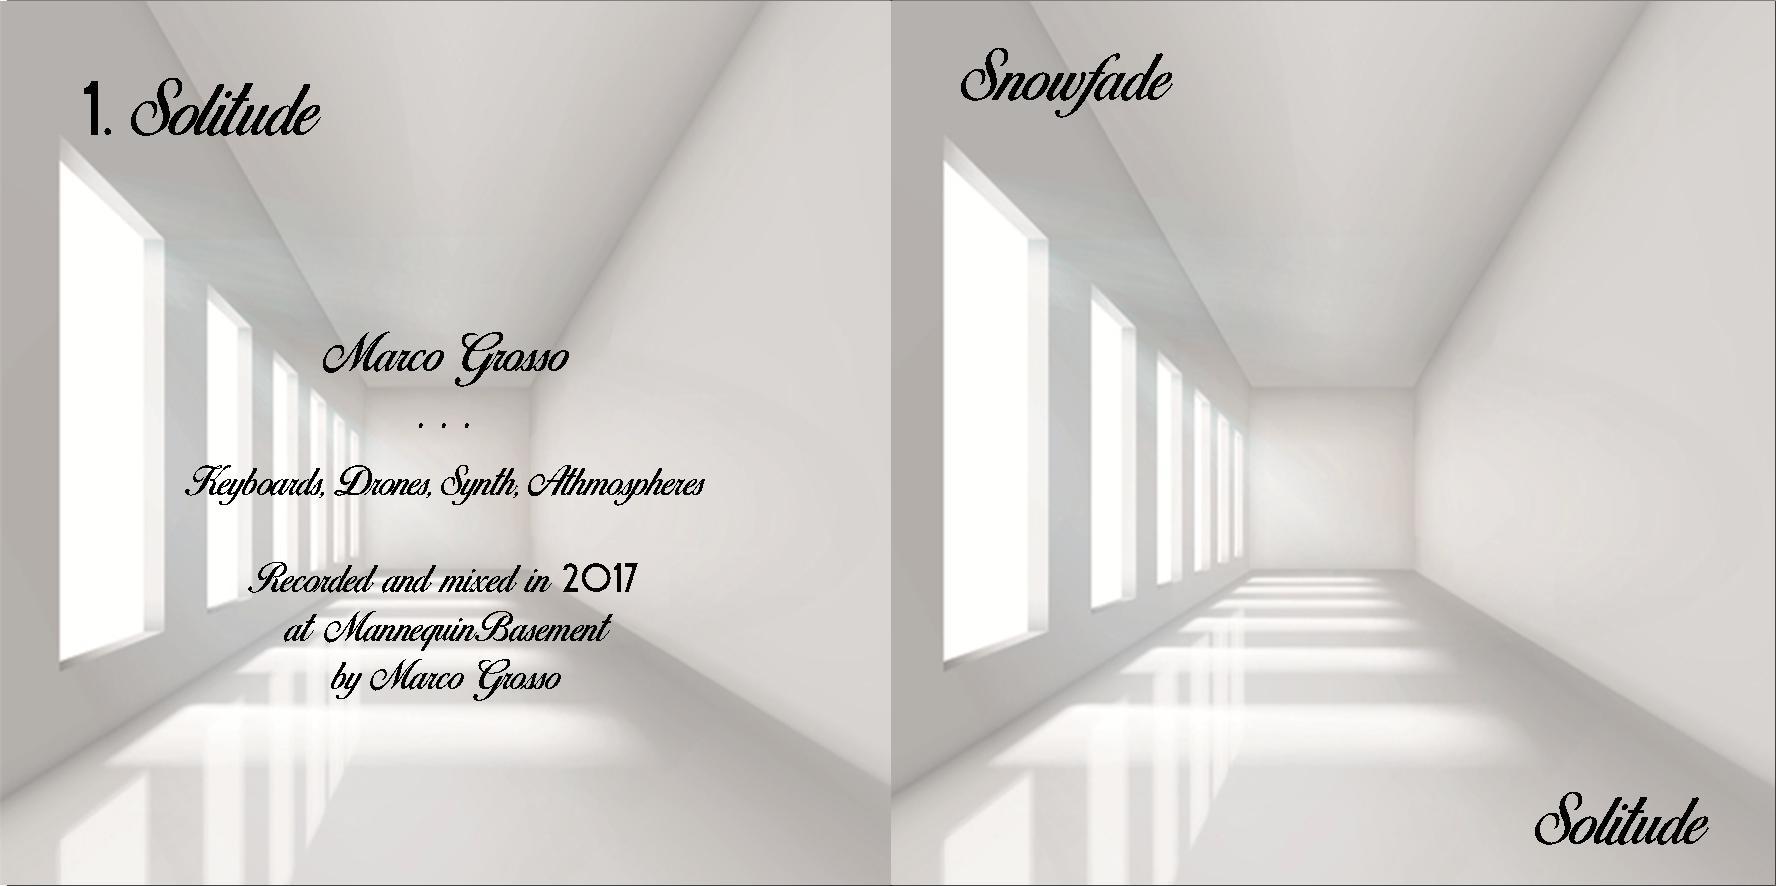 Snowfade - Solitude MP3 4